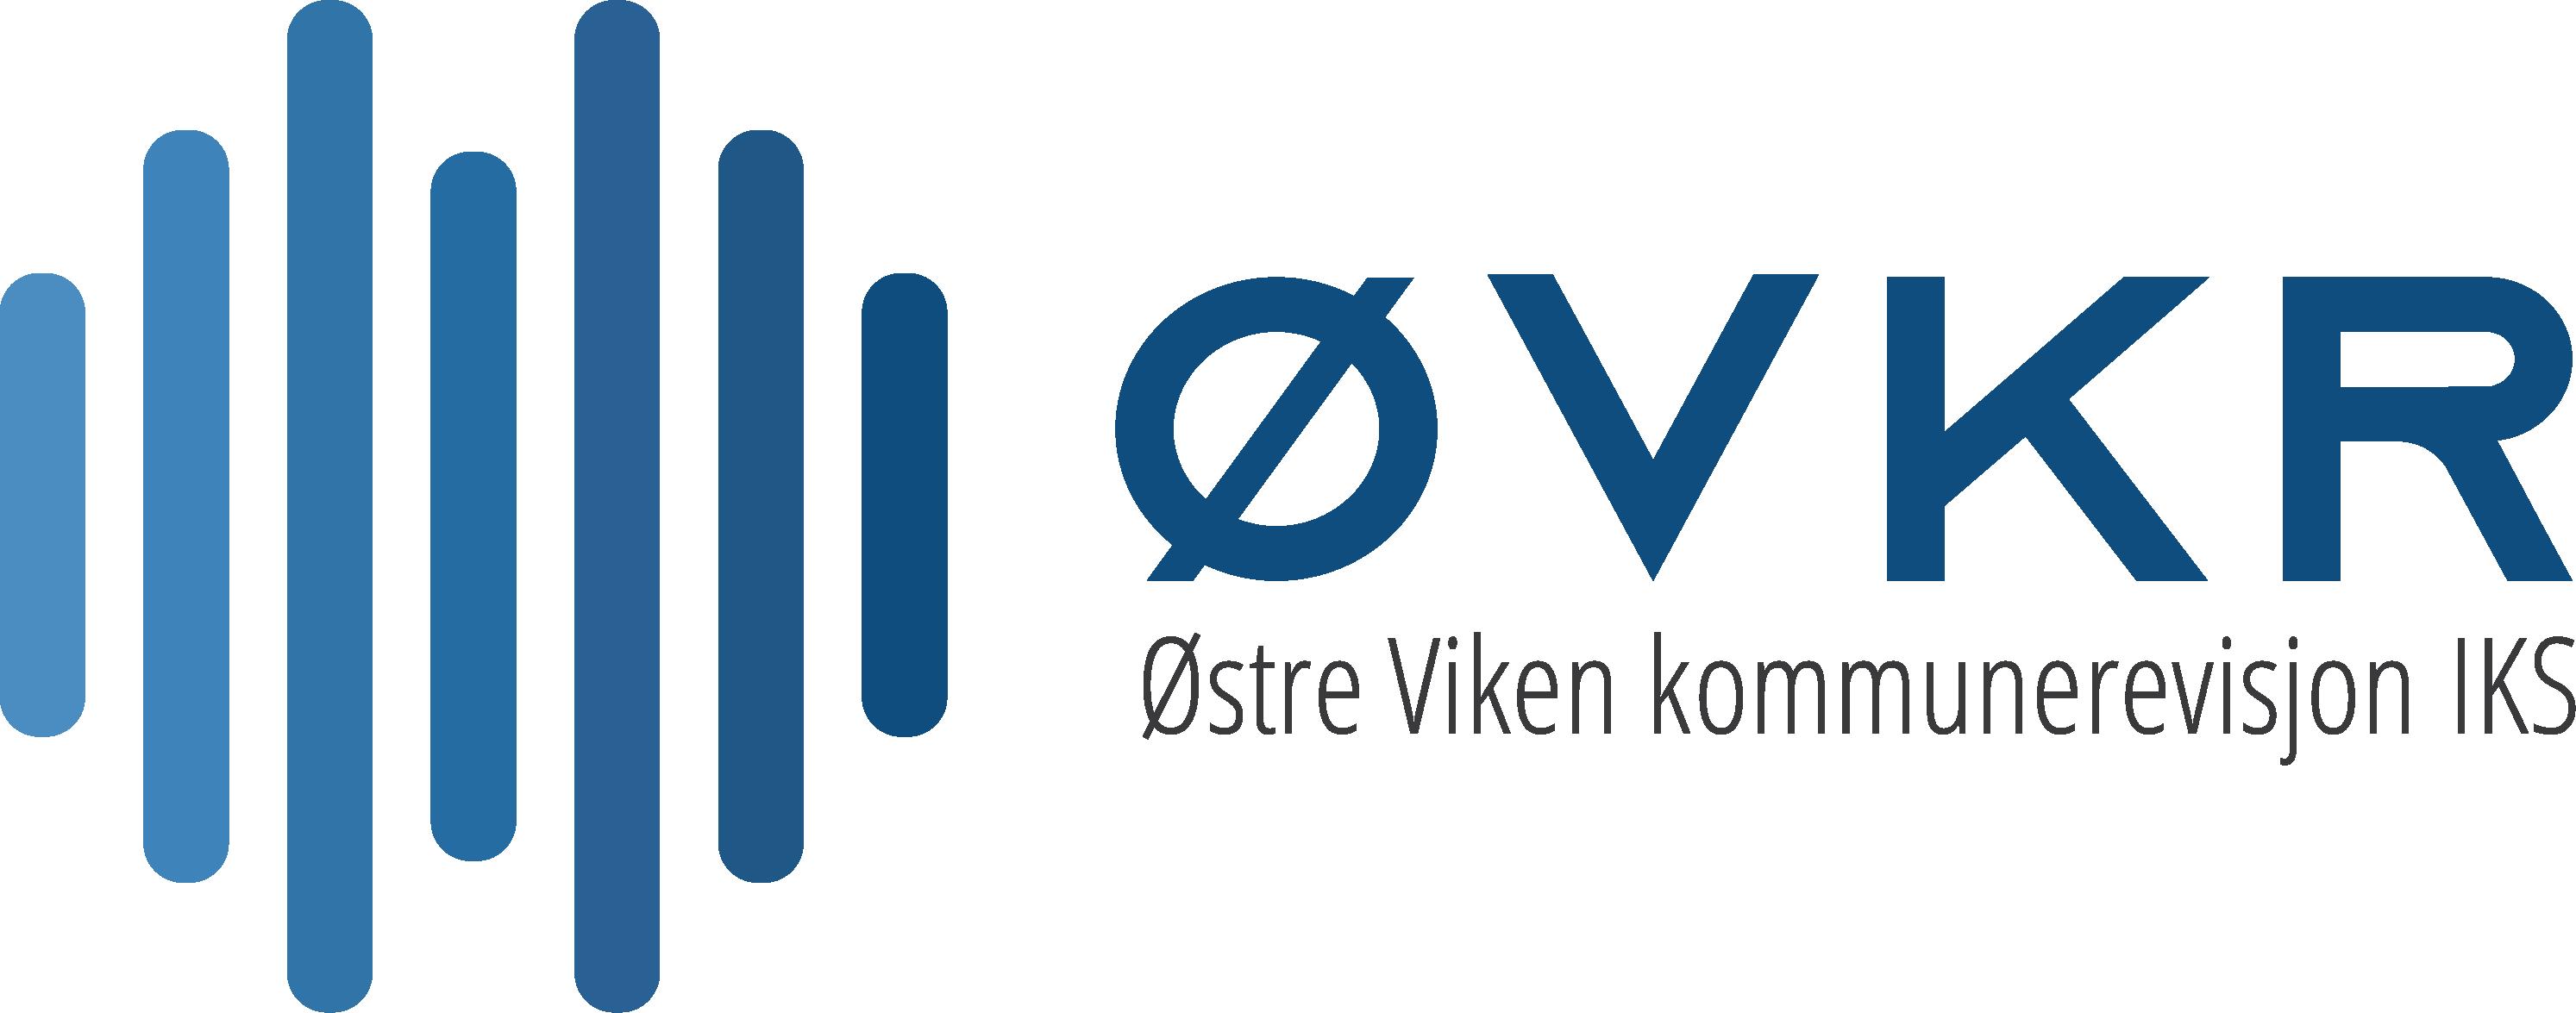 Østre Viken Kommunerevisjon IKS